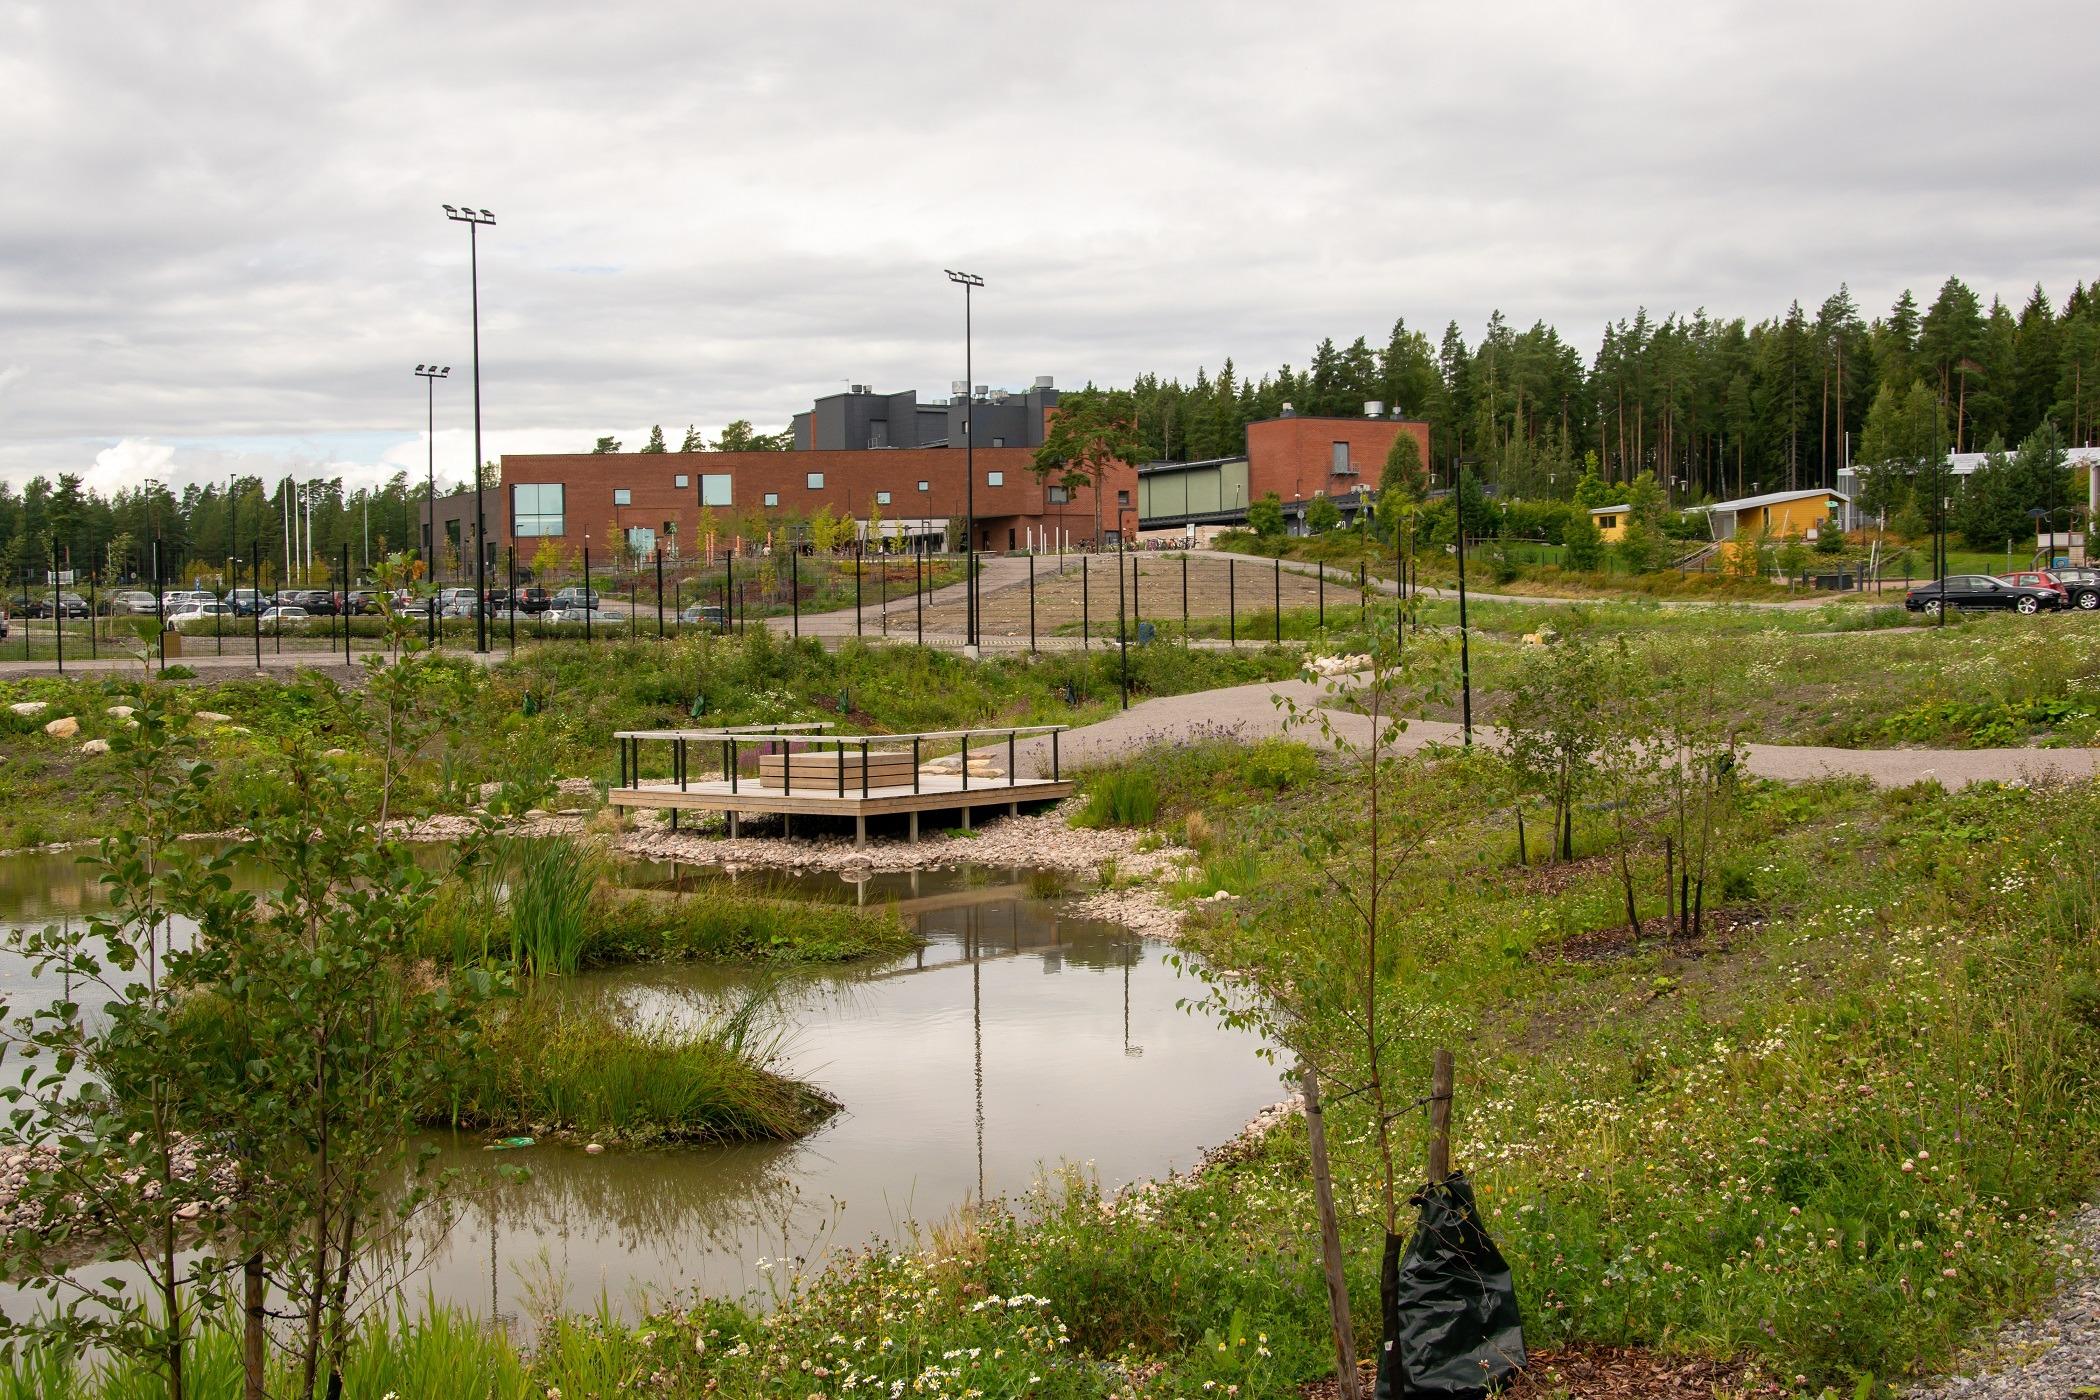 Miilin aluetta. Puistomaista aluetta, jonka taustalla näkyy rakennuksia ja pysäköintialuetta.